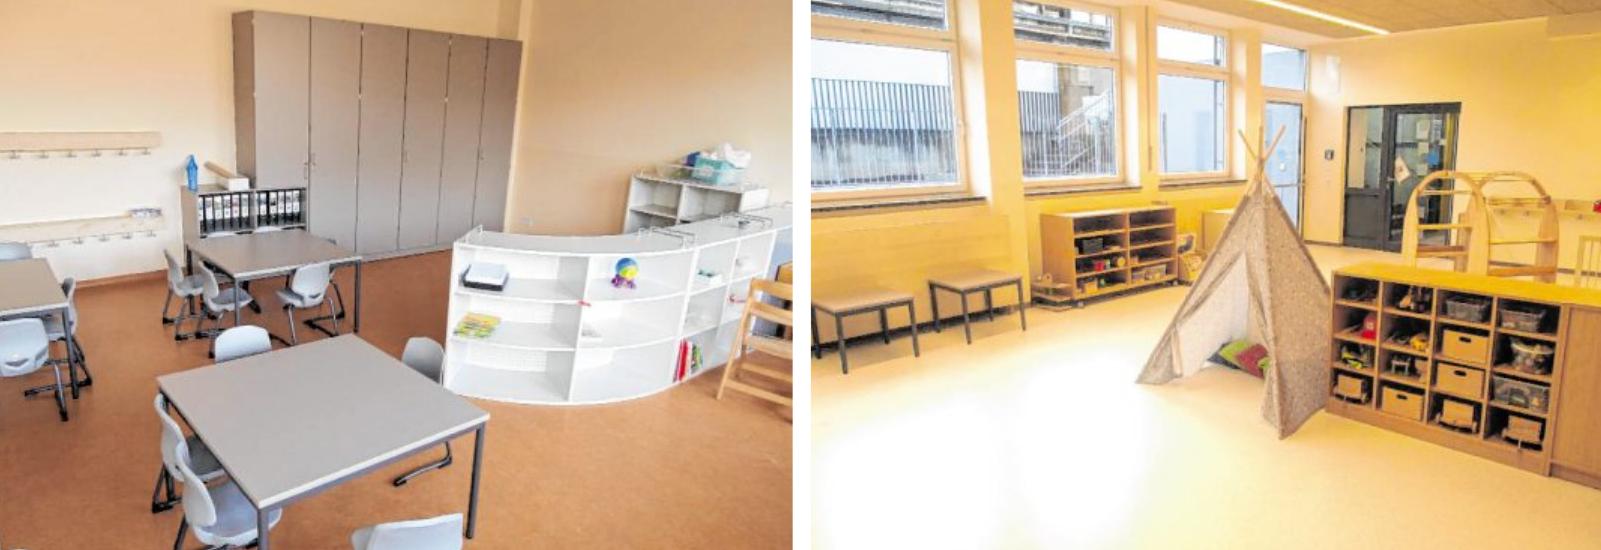 In der neu gestalteten Kindertagesstätte können Kinder toben, malen und ausruhen. Hier ist Platz für den Kindergarten und die Kinderkrippe.